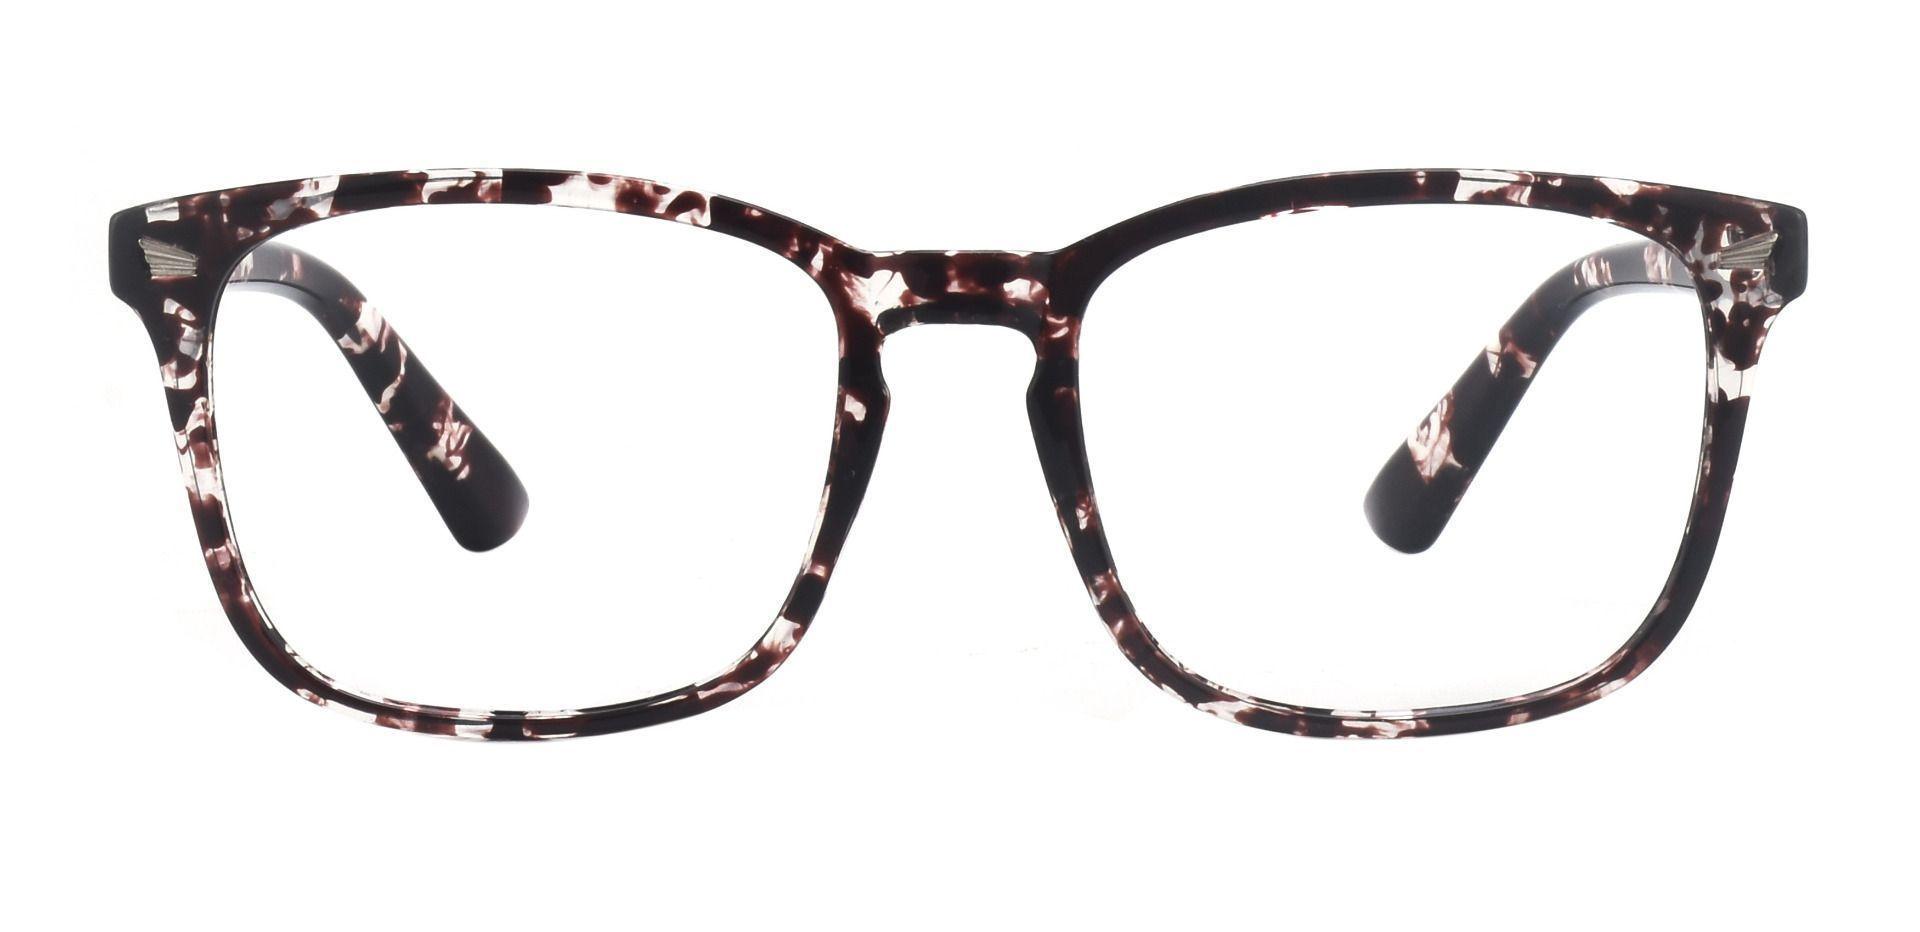 Rogan Square Prescription Glasses - Two-tone